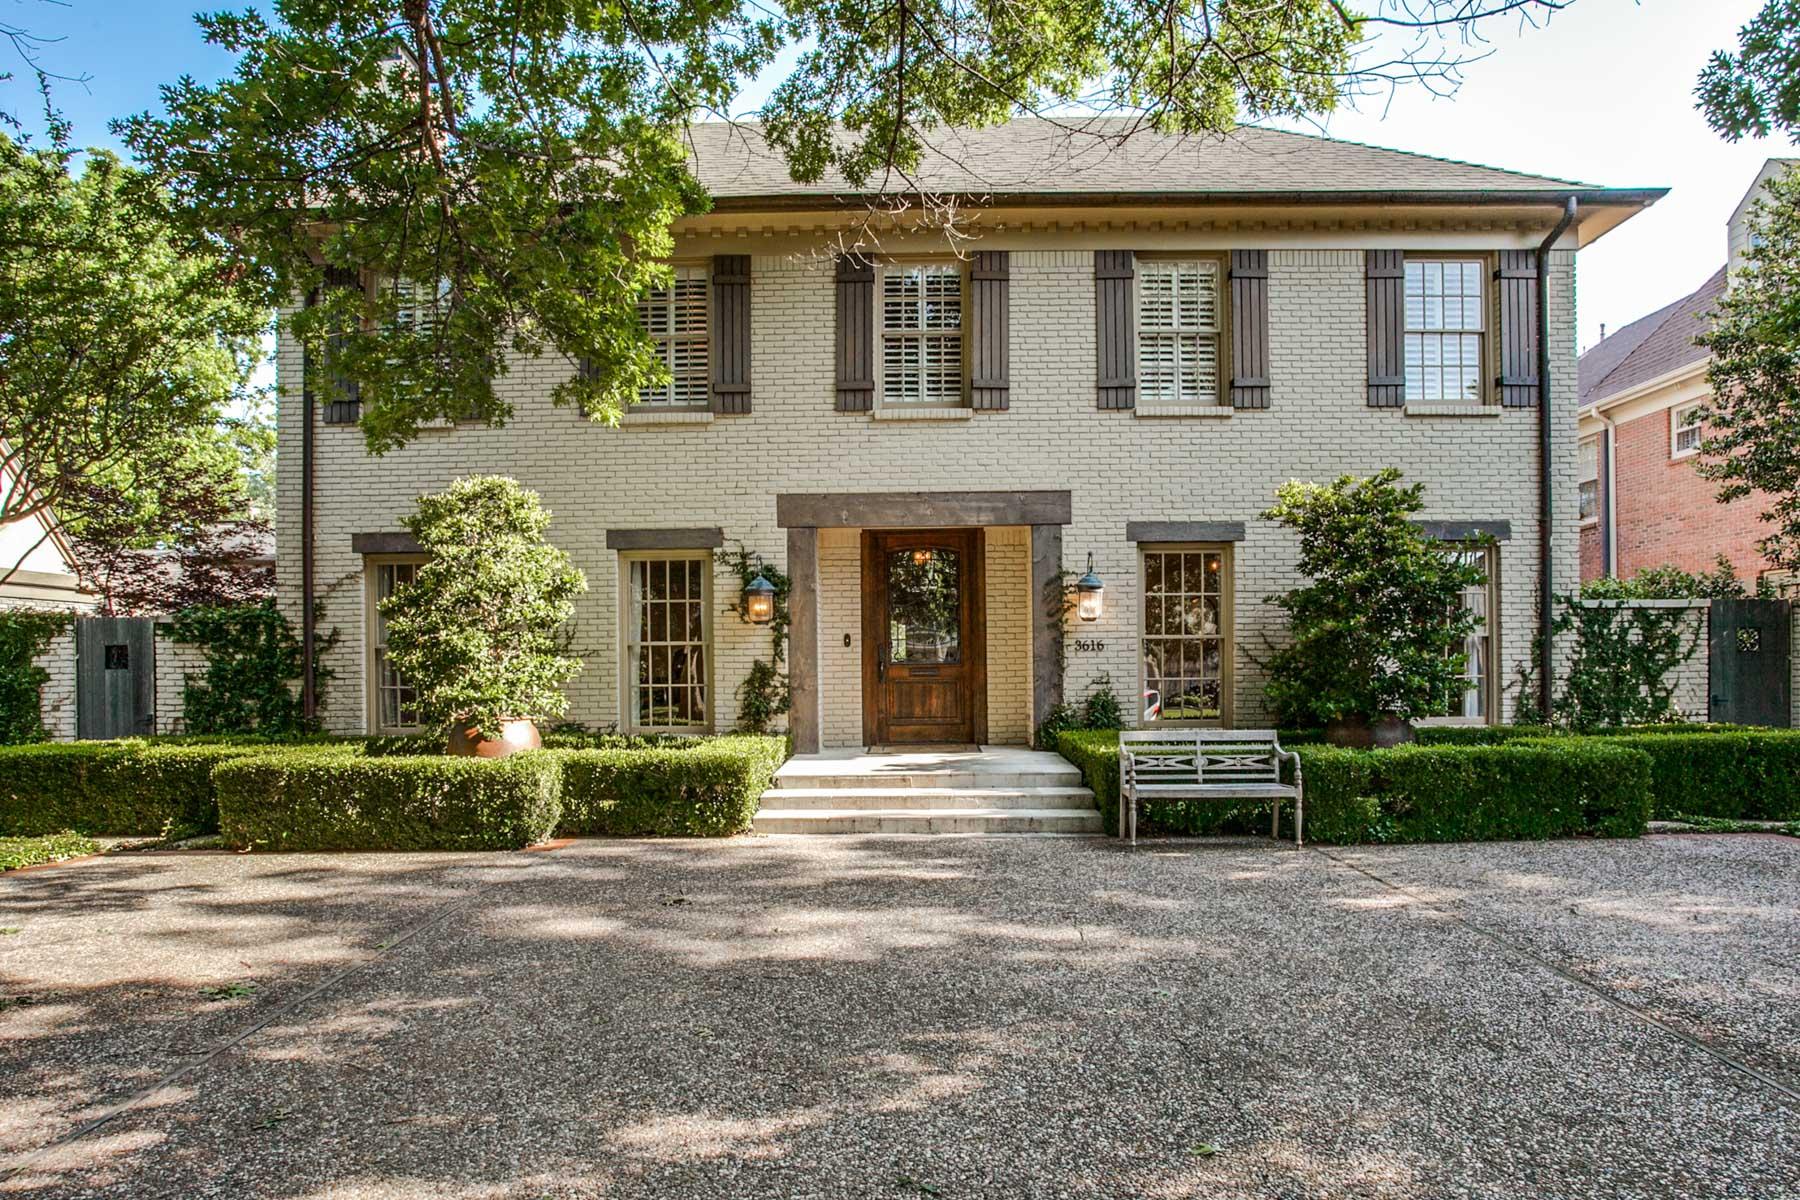 Частный односемейный дом для того Продажа на University Park Charming Transitional 3616 Greenbrier Dr Dallas, Техас, 75225 Соединенные Штаты